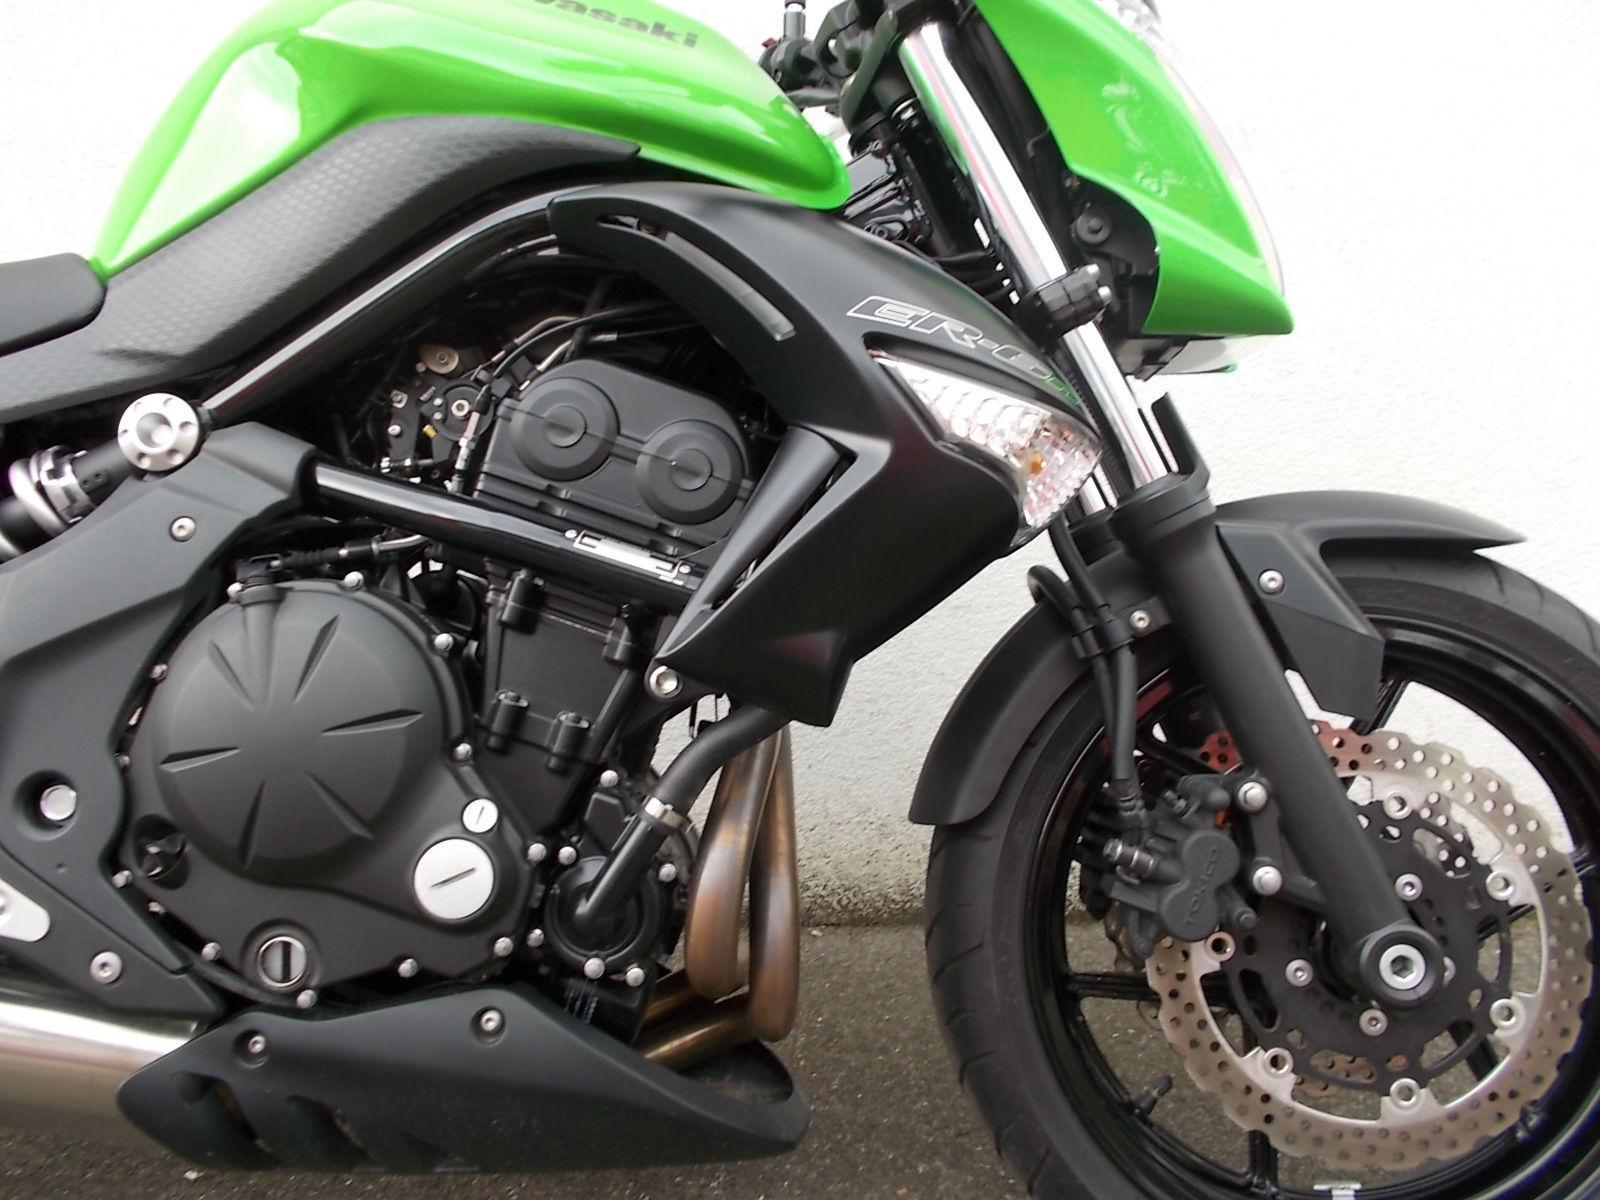 Kawasaki ER6N - ER650 Naked - 1100 Miles!